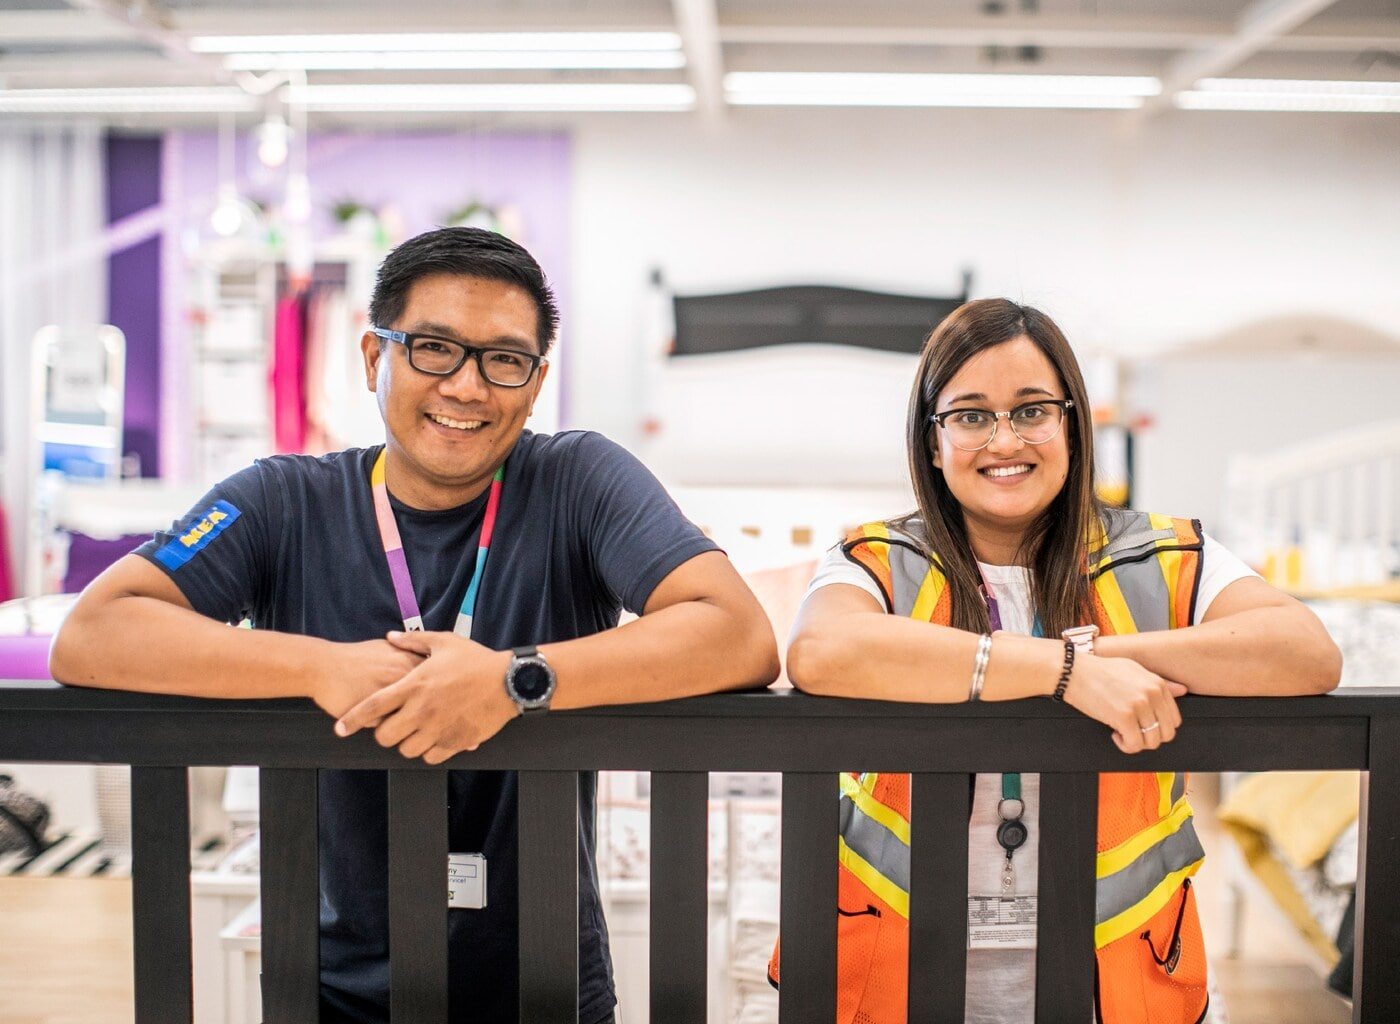 Két különböző etnikumú IKEA munkatárs szimbolizálja a sokszínűséget és befogadást.